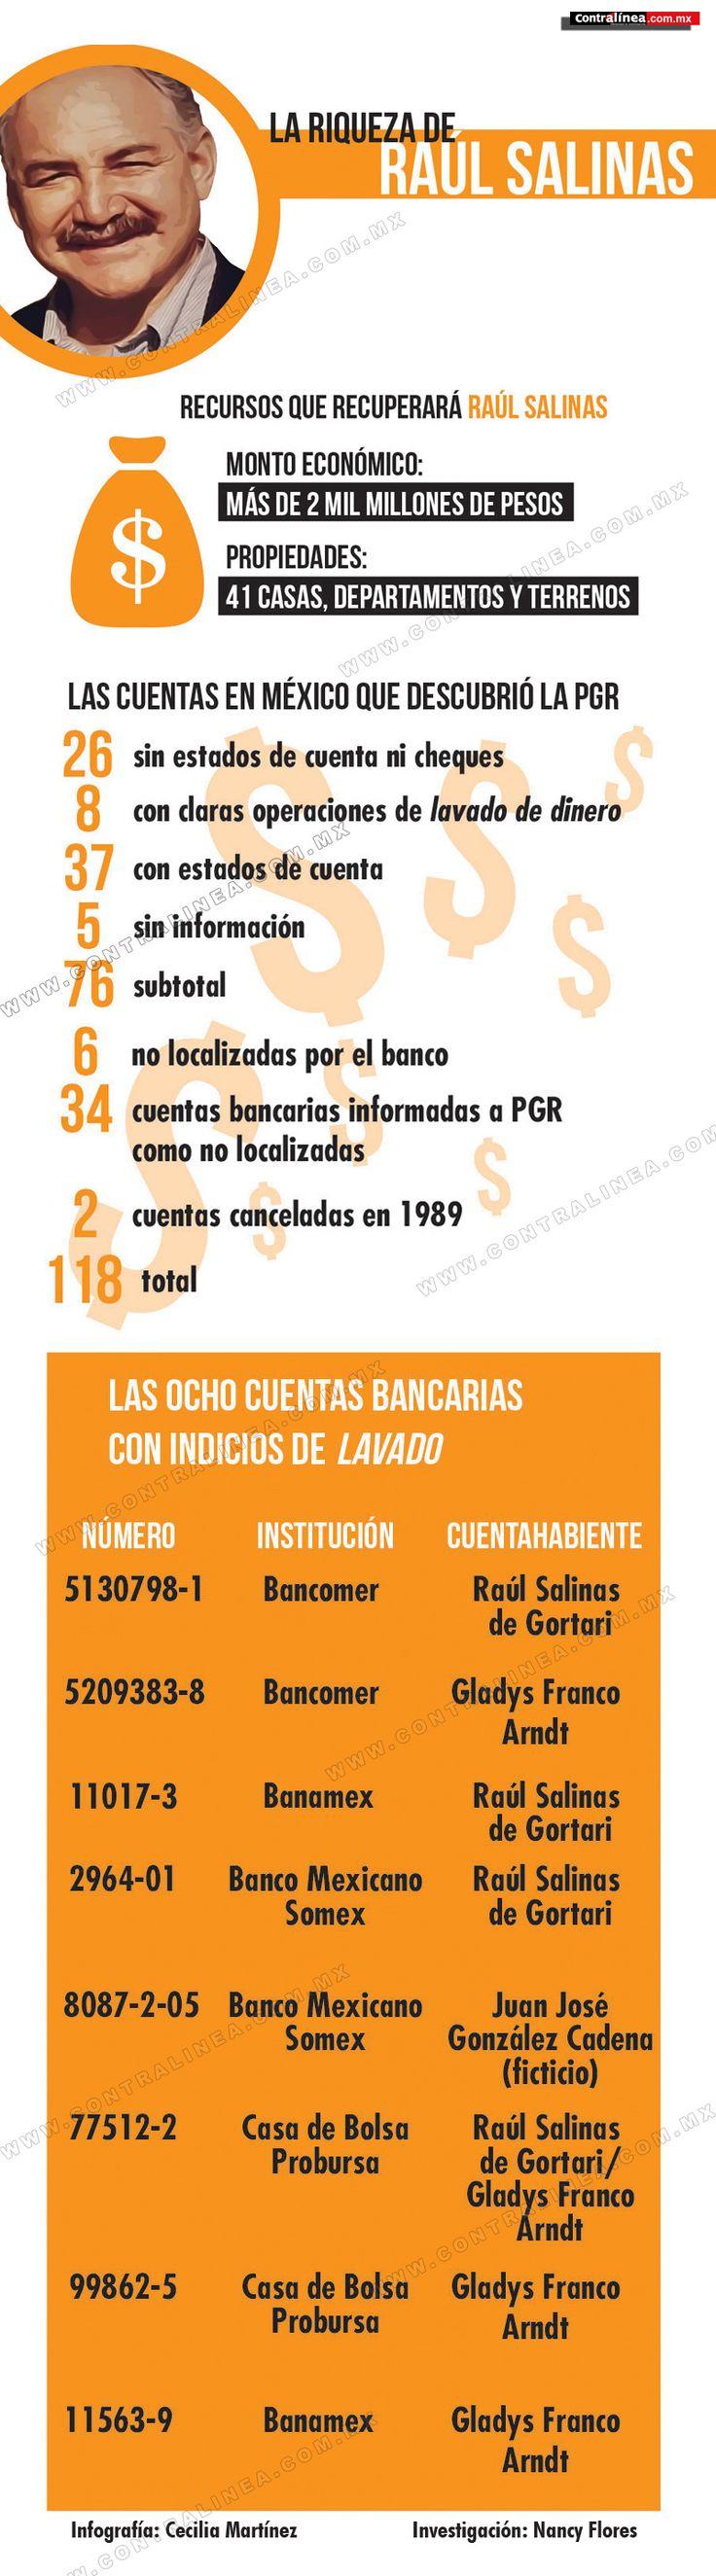 Infografía: La riqueza de Raúl Salinas Contrlínea http://contralinea.info/archivo-revista/index.php/2013/08/13/infografia-la-riqueza-de-raul-salinas/